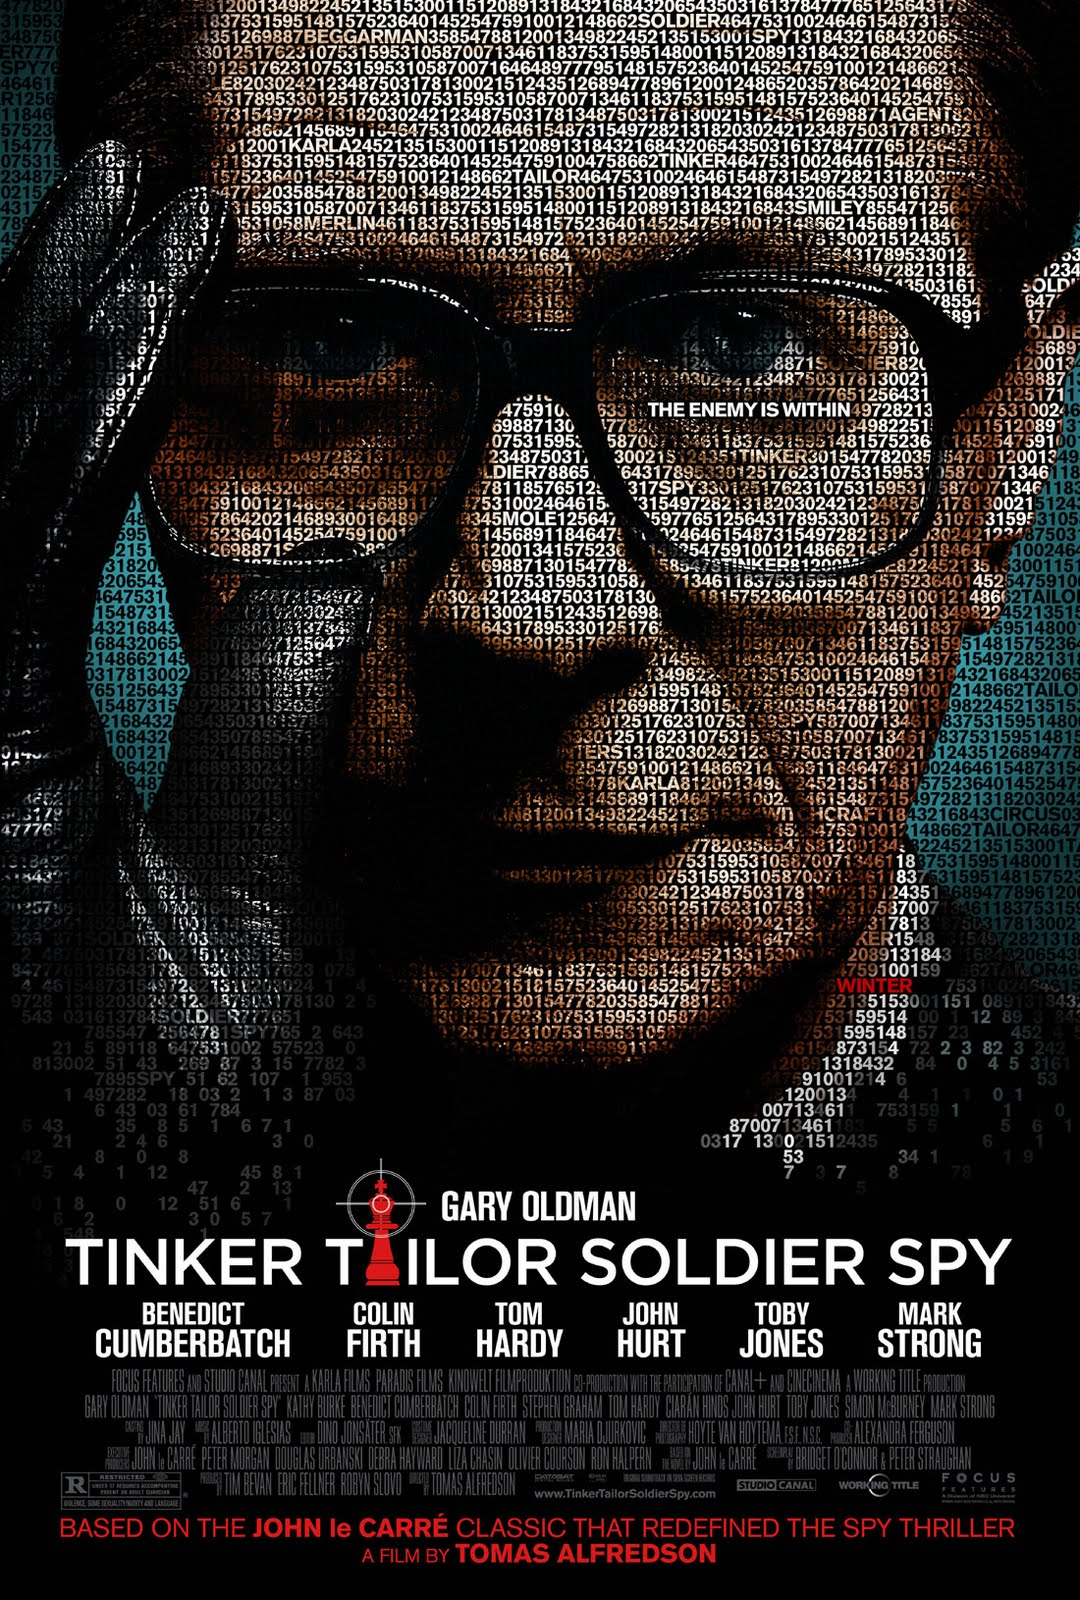 http://2.bp.blogspot.com/-qM2mrPV_5UY/Tt1liMoSSLI/AAAAAAAABy0/5l8xubwKv_c/s1600/tinker-tailer-final-poster.jpg